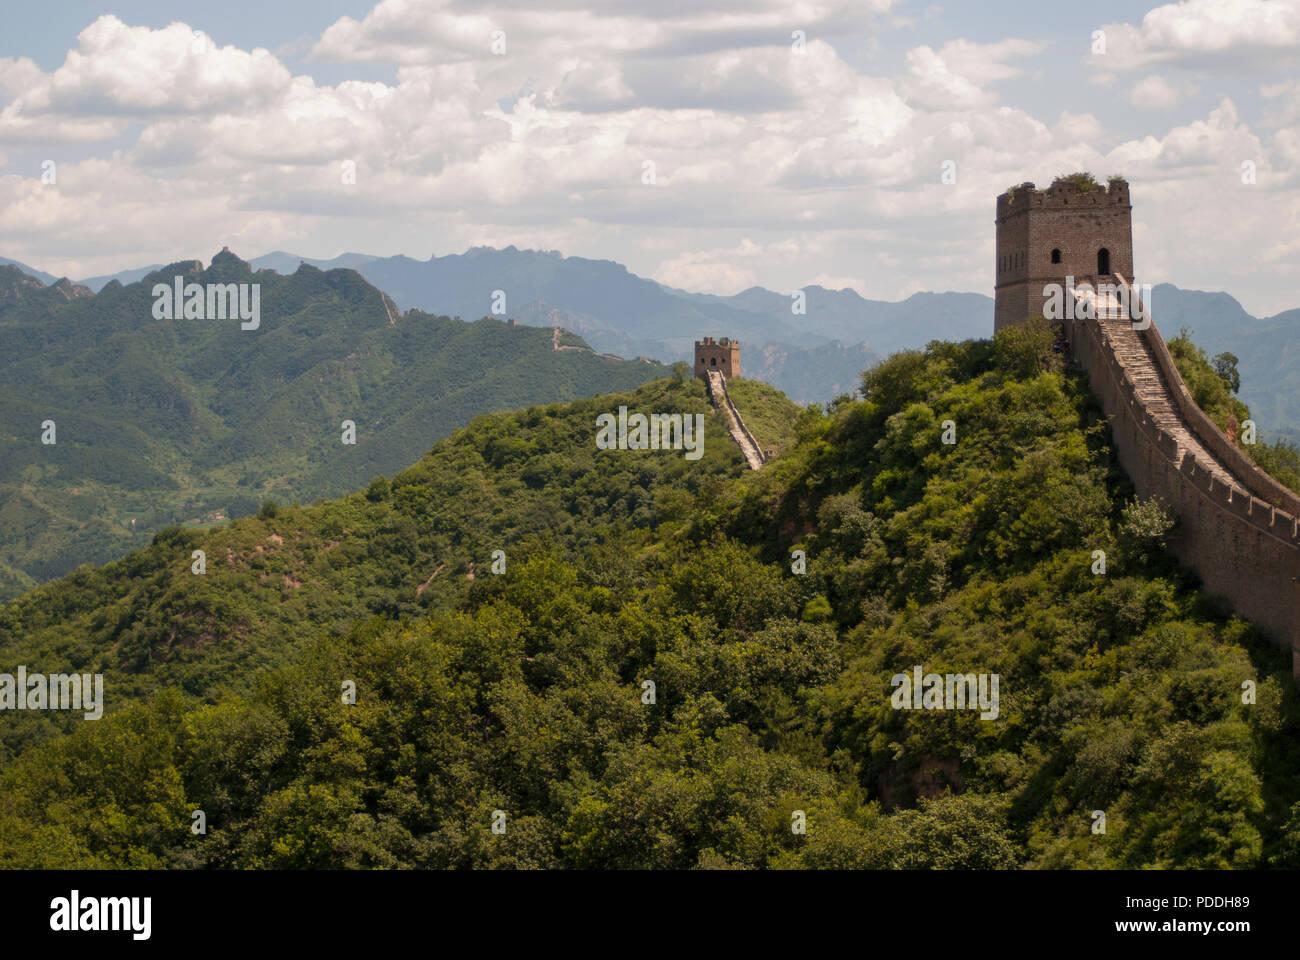 La Grande Muraille de Chine, à Jinshanling, une randonnée à pied et l'une des parties les mieux préservées de la Grande Muraille avec de nombreux éléments d'origine. Banque D'Images